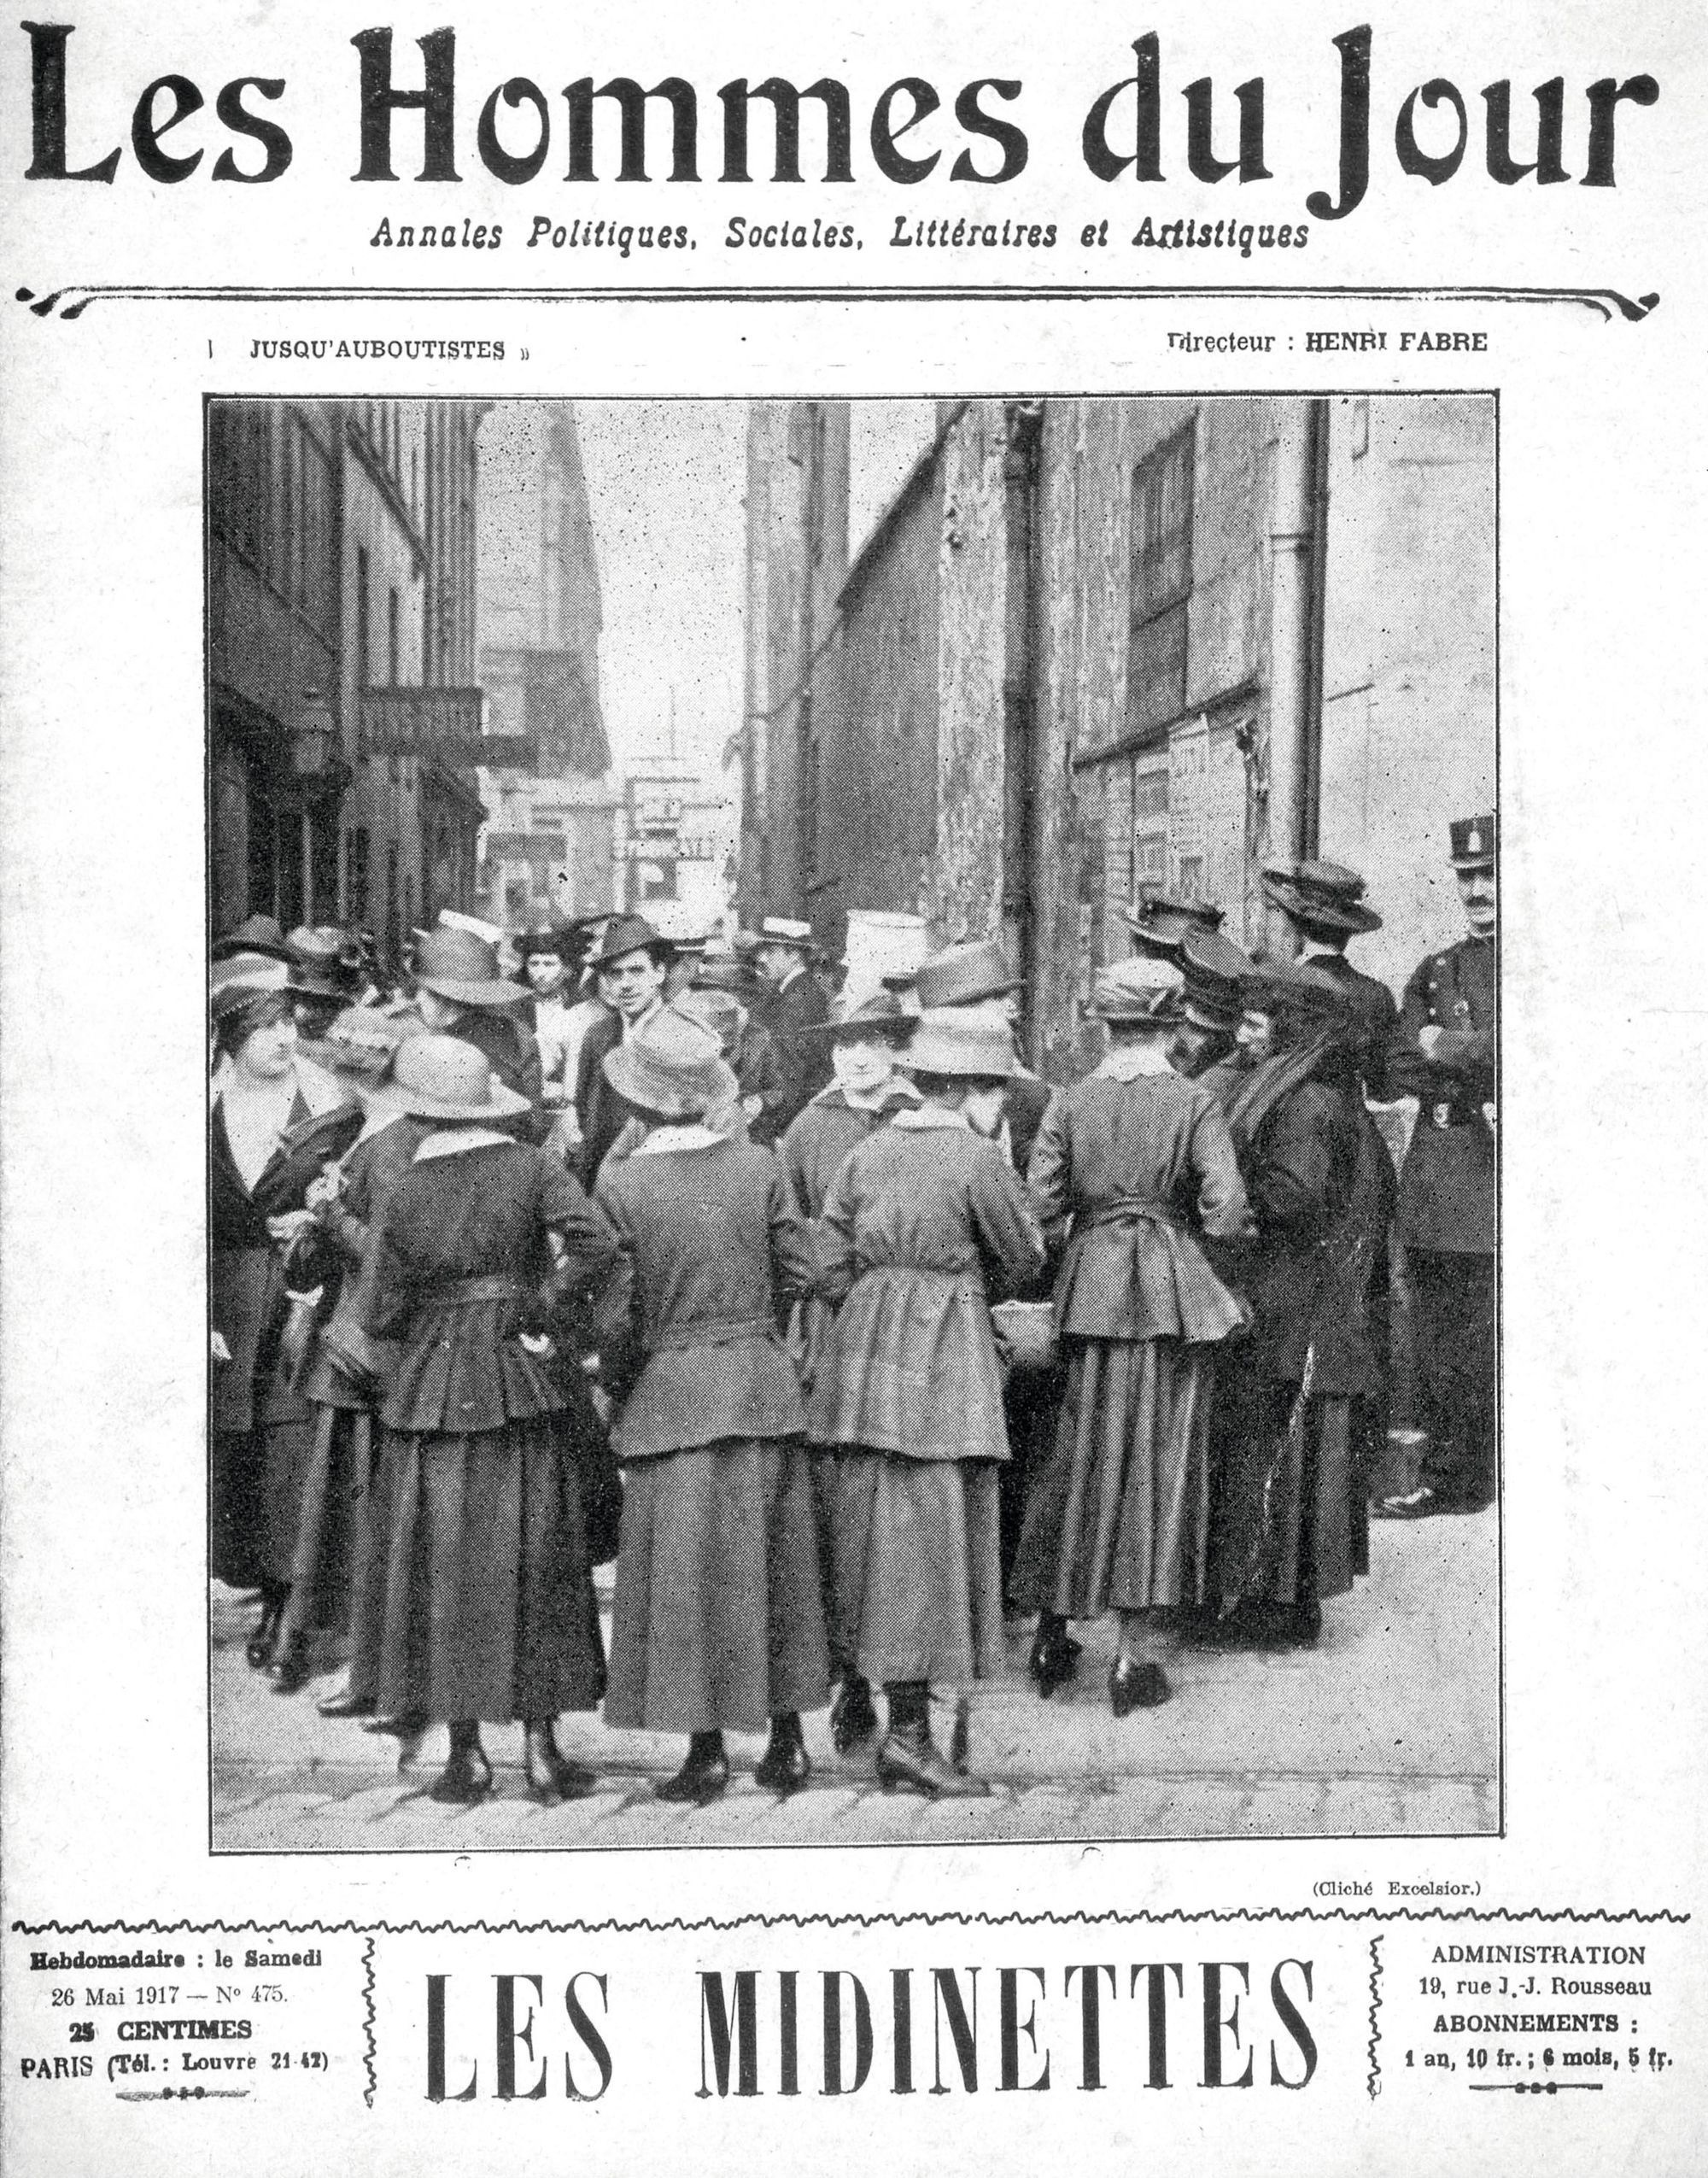 Une du journal Les Hommes du jour 1917